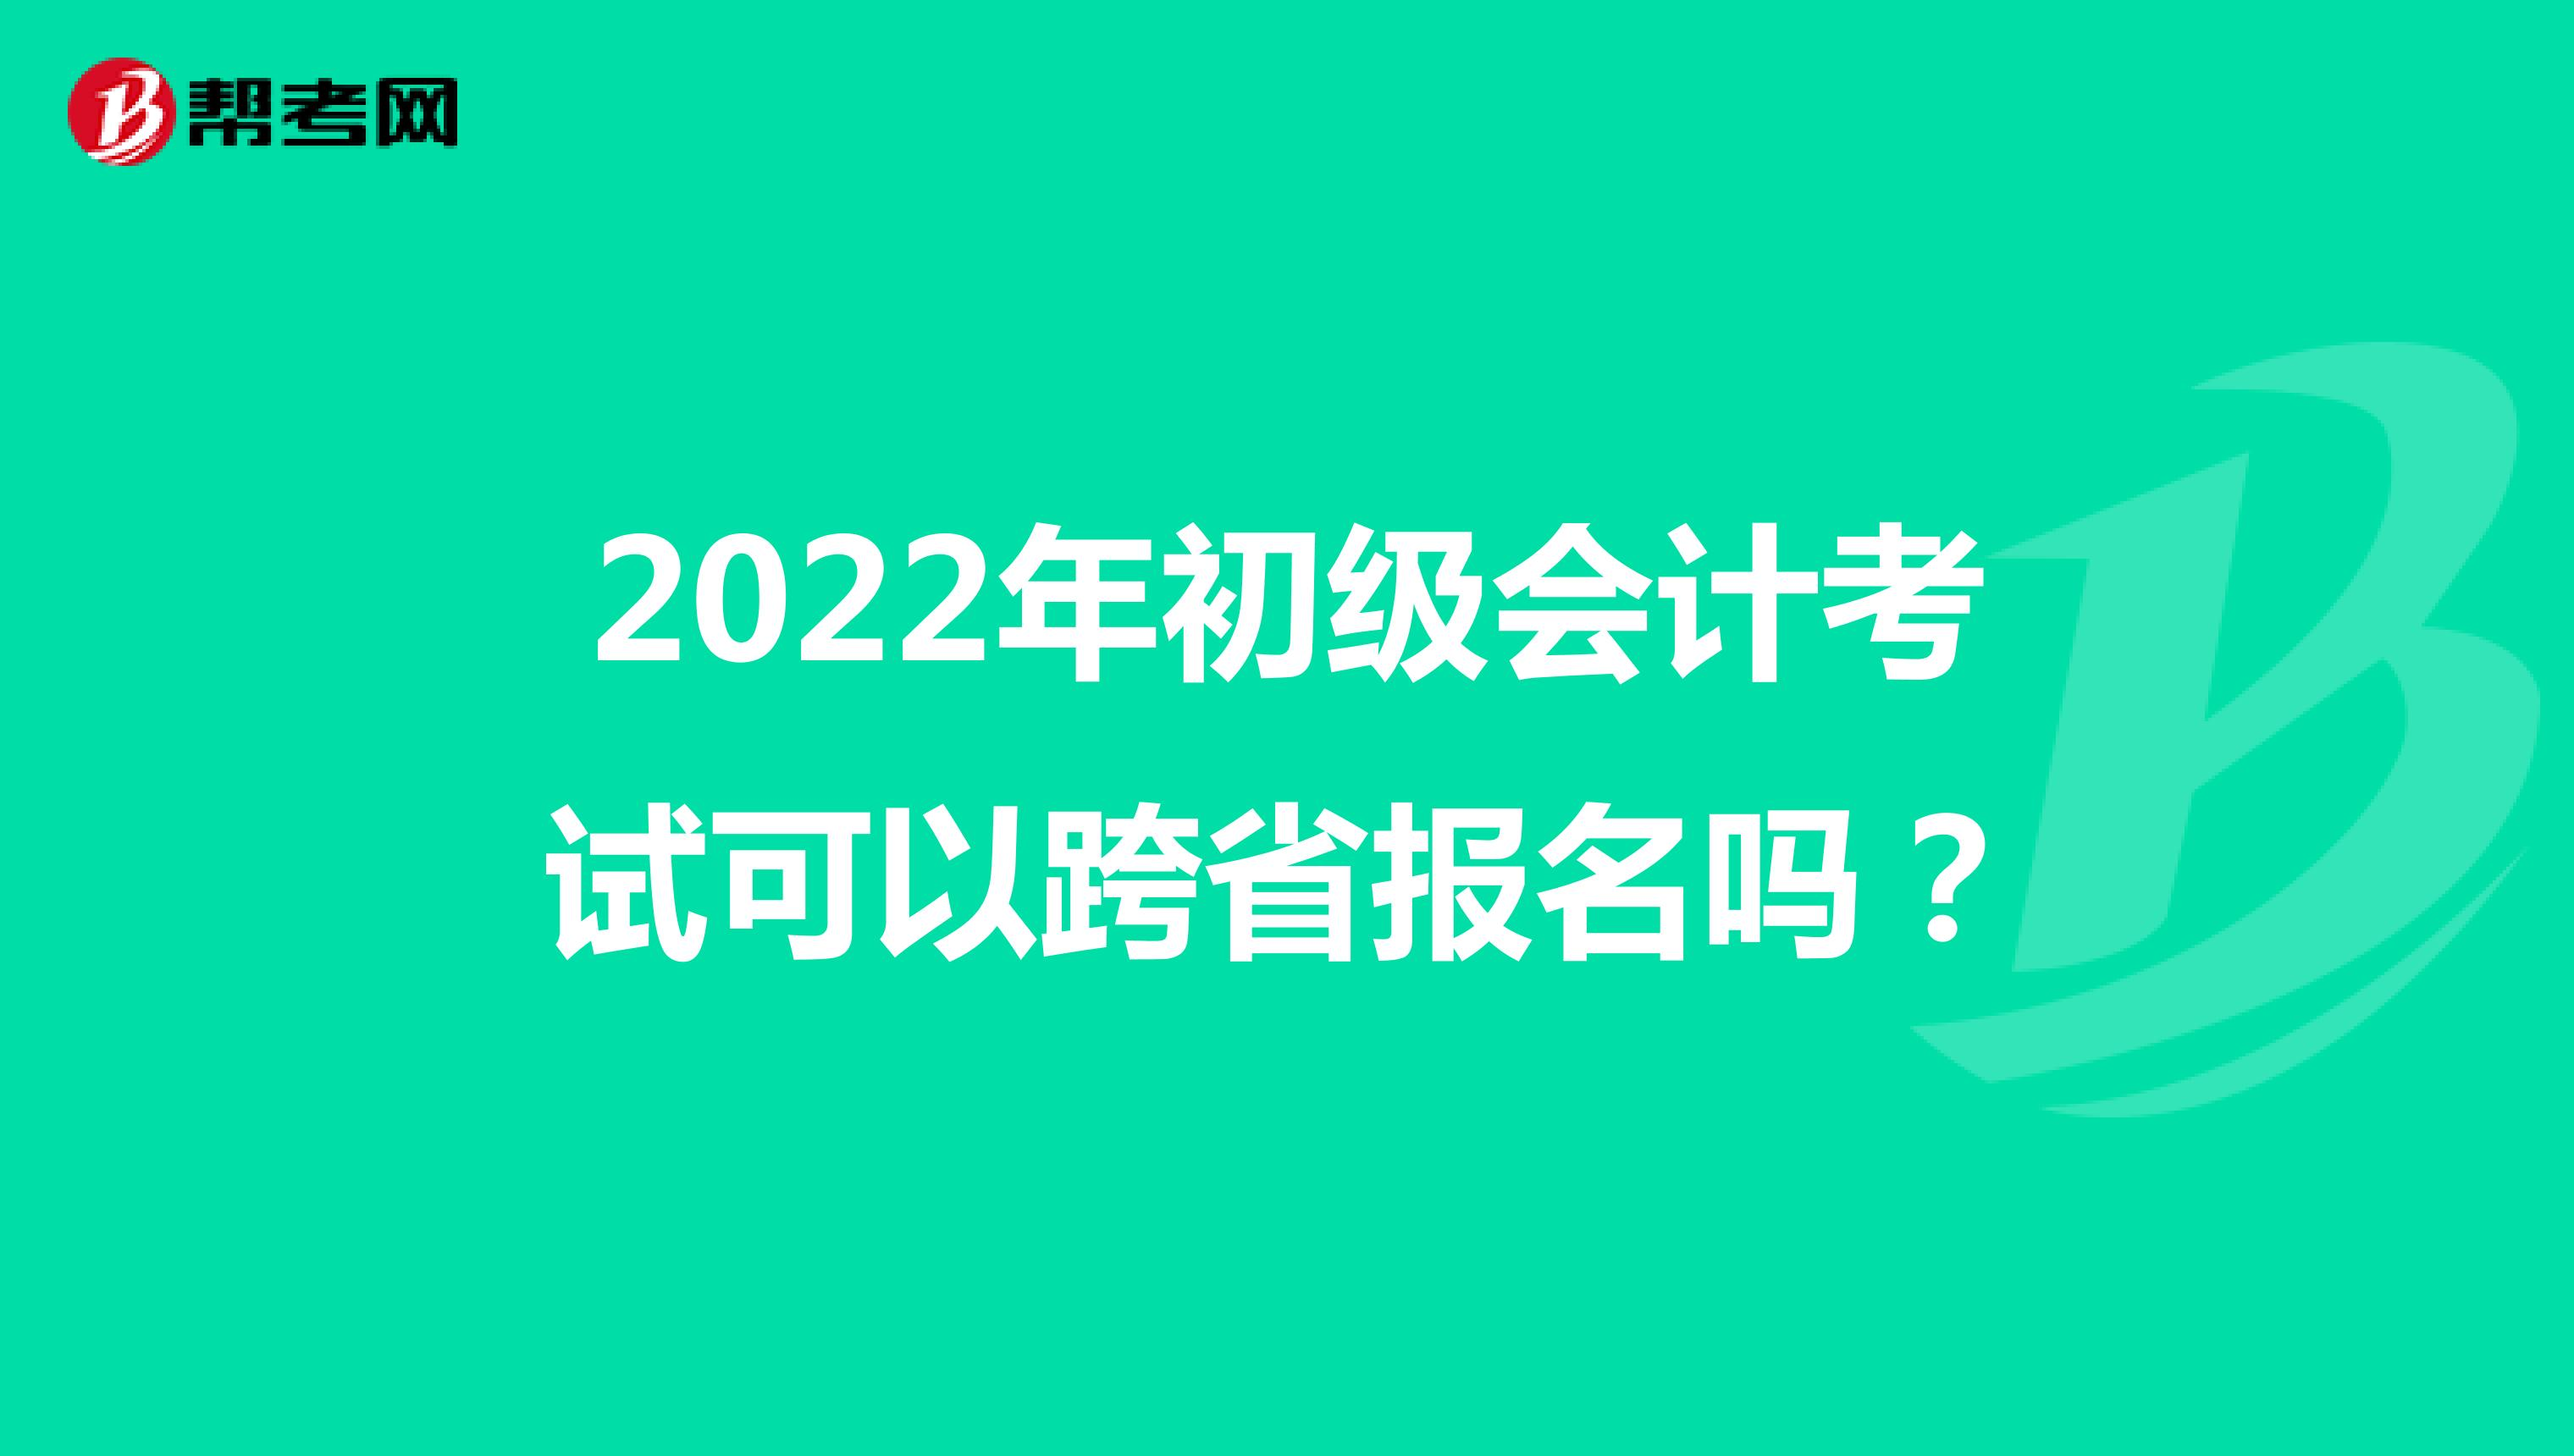 2022年初级会计考试可以跨省报名吗?